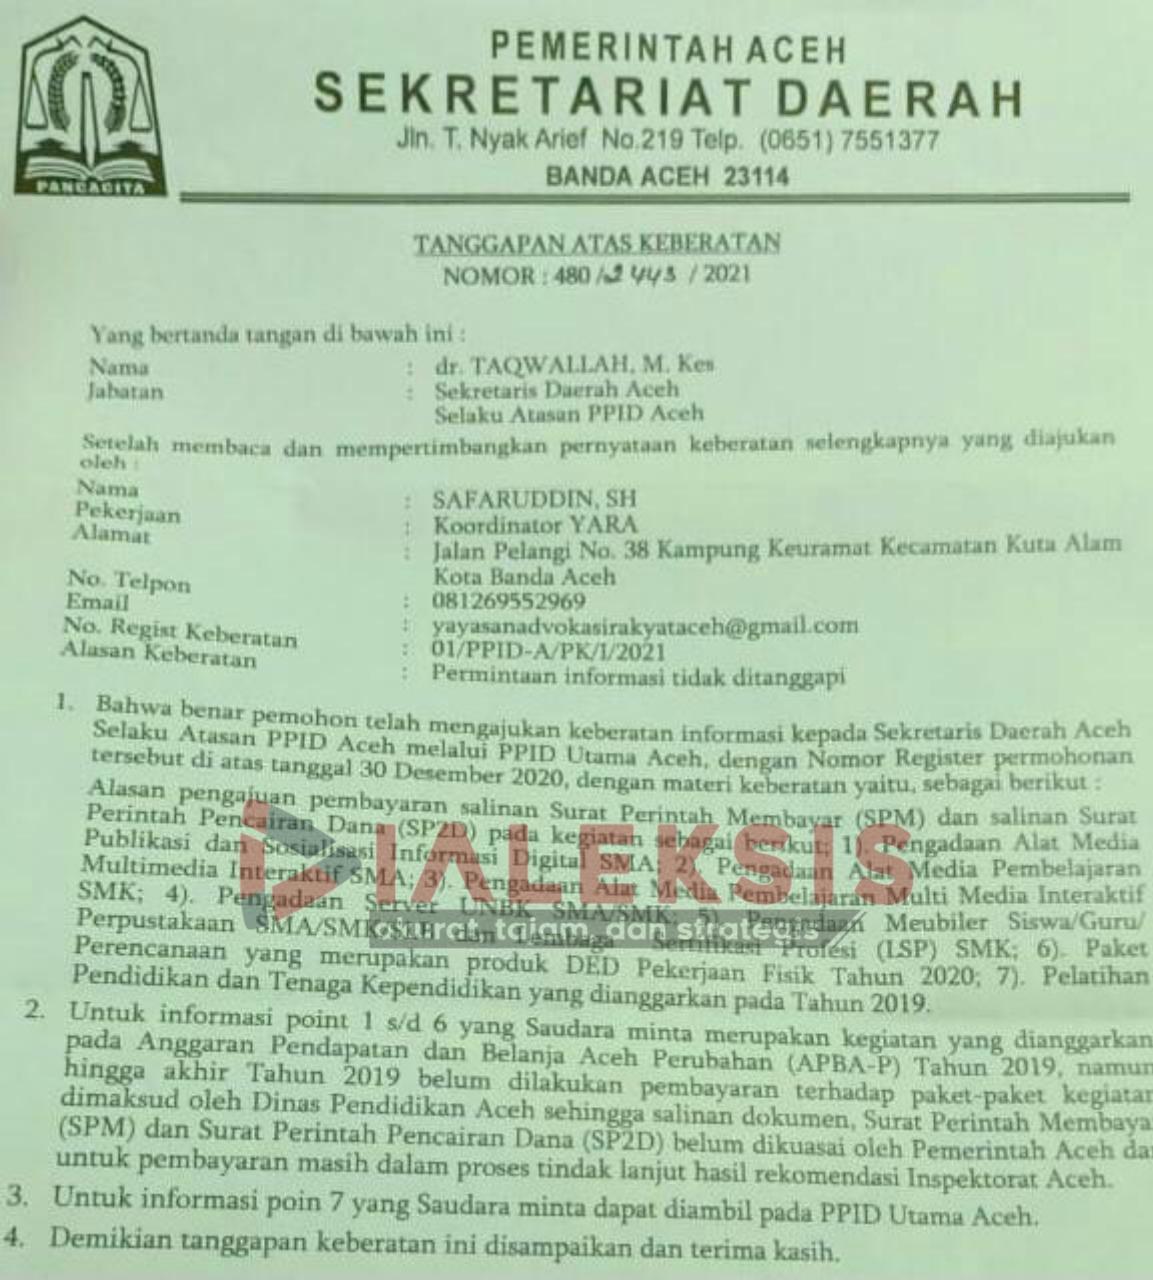 Sejumlah Paket Pengadaan Disdik Aceh TA APBA-P 2019 Belum dibayar